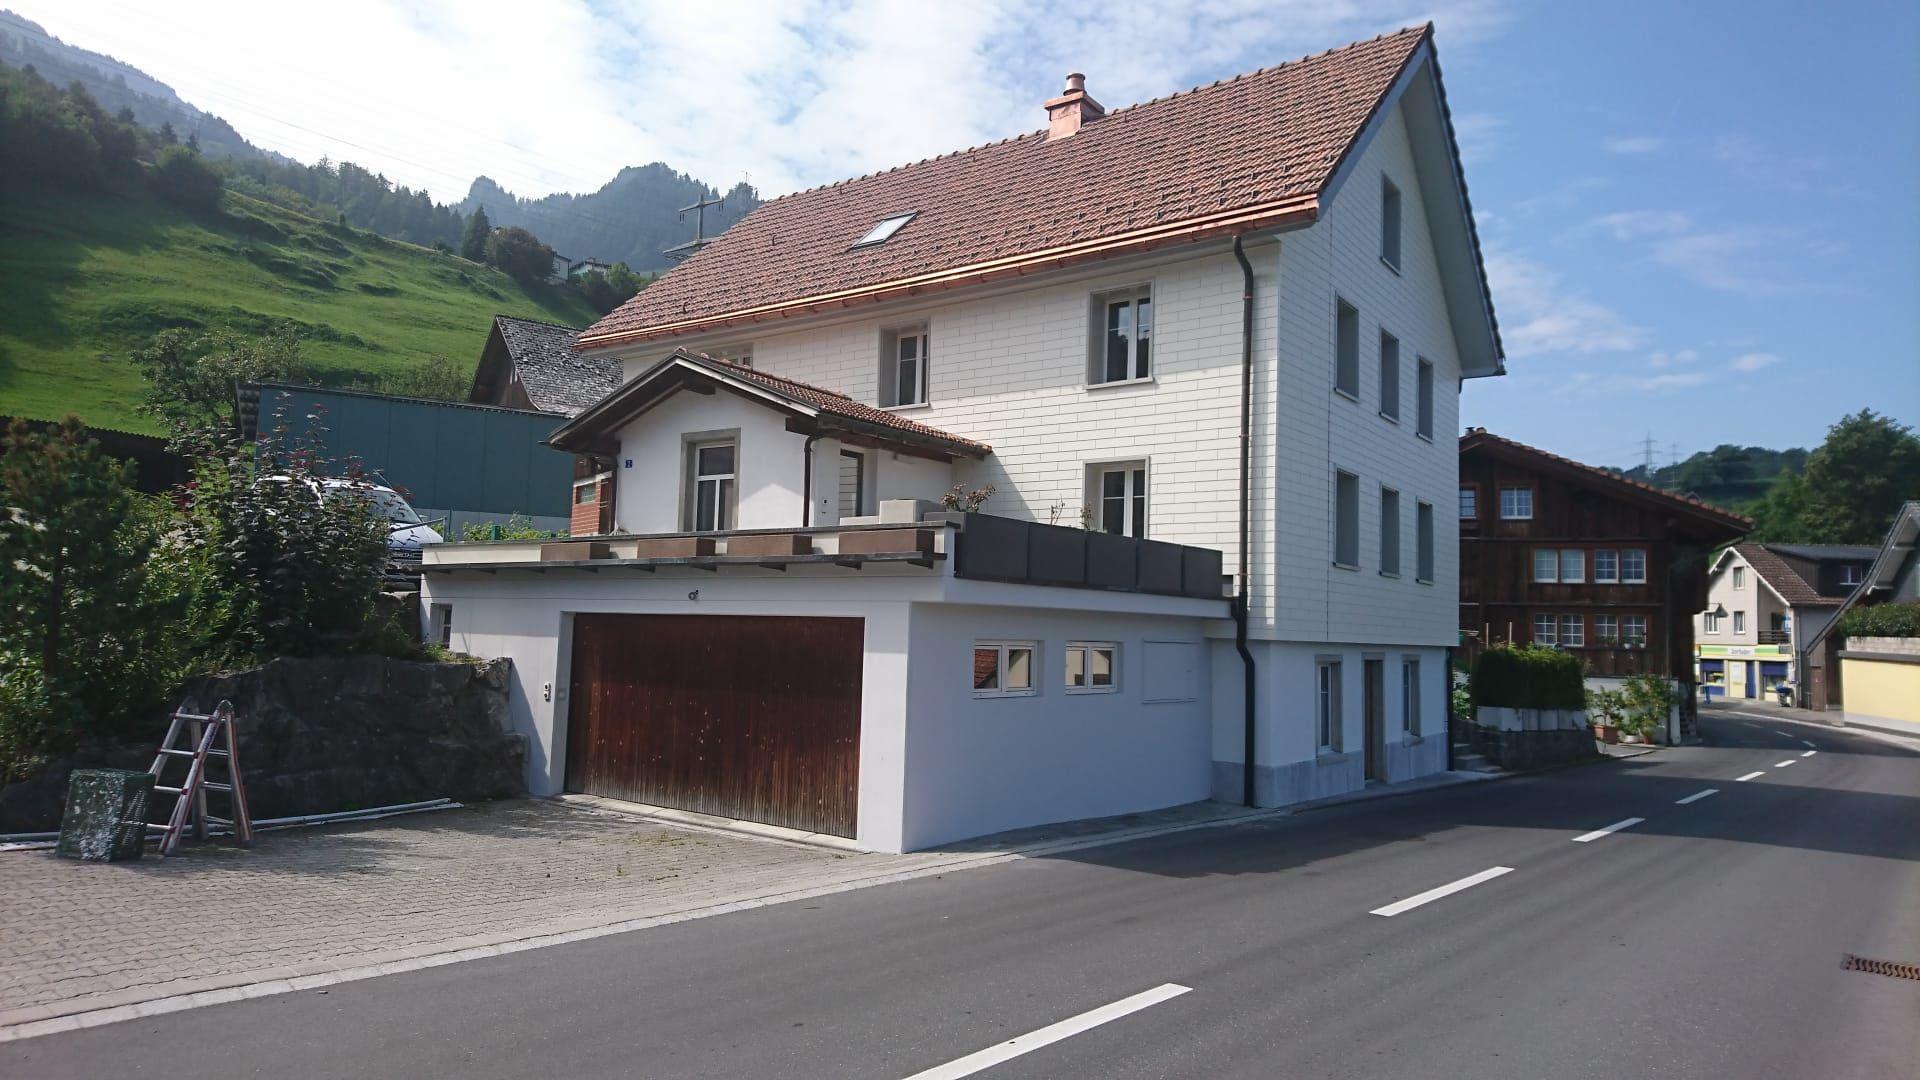 Einfamilienhaus mit grossem Garten